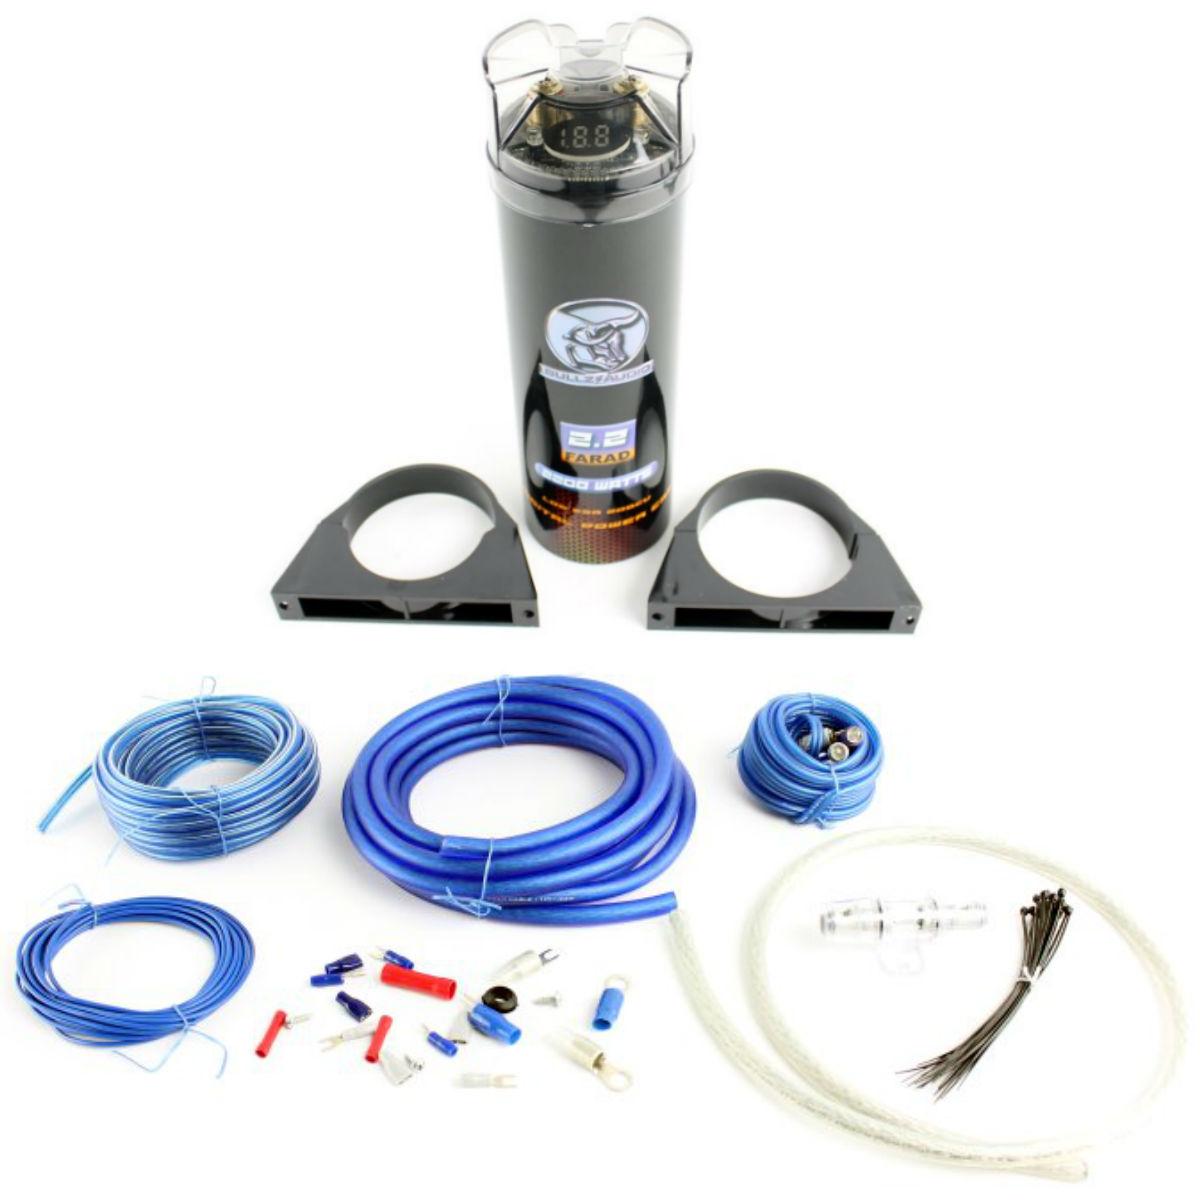 capacitor wiring bullz audio bcap2.2 farad capacitor + epak4b 4 gauge amp ... #7